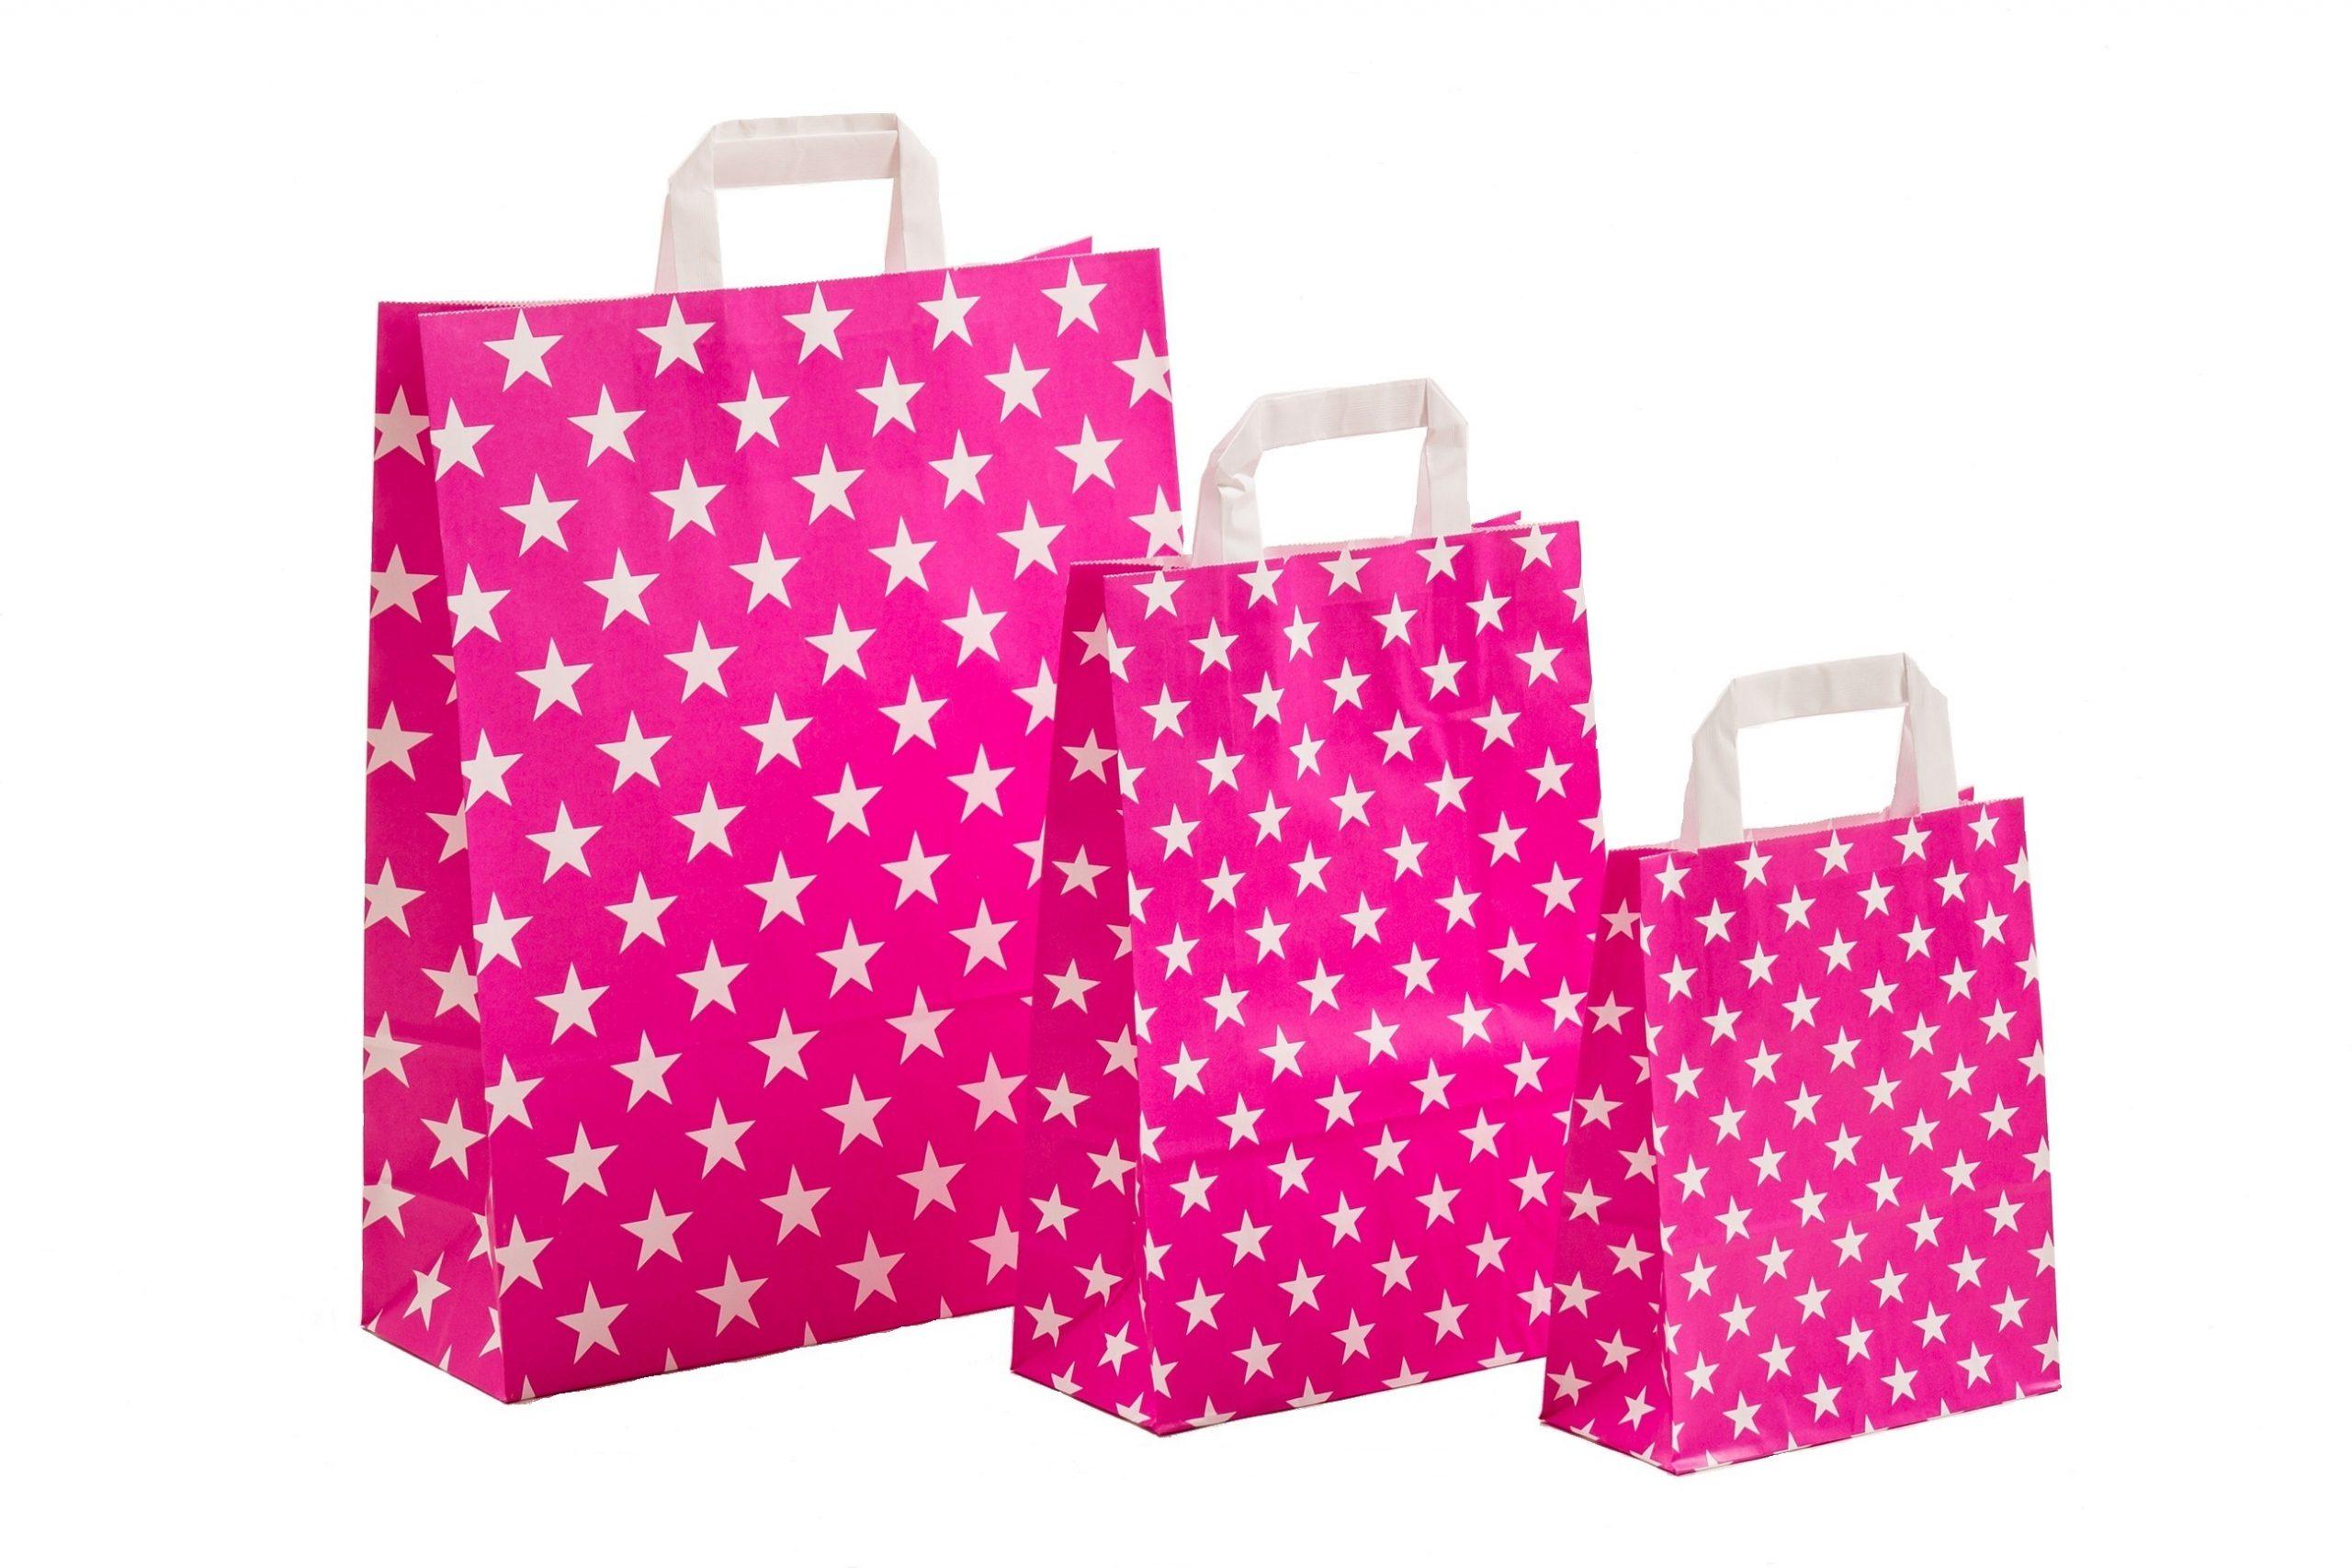 Papiertragetaschen Sterne pink